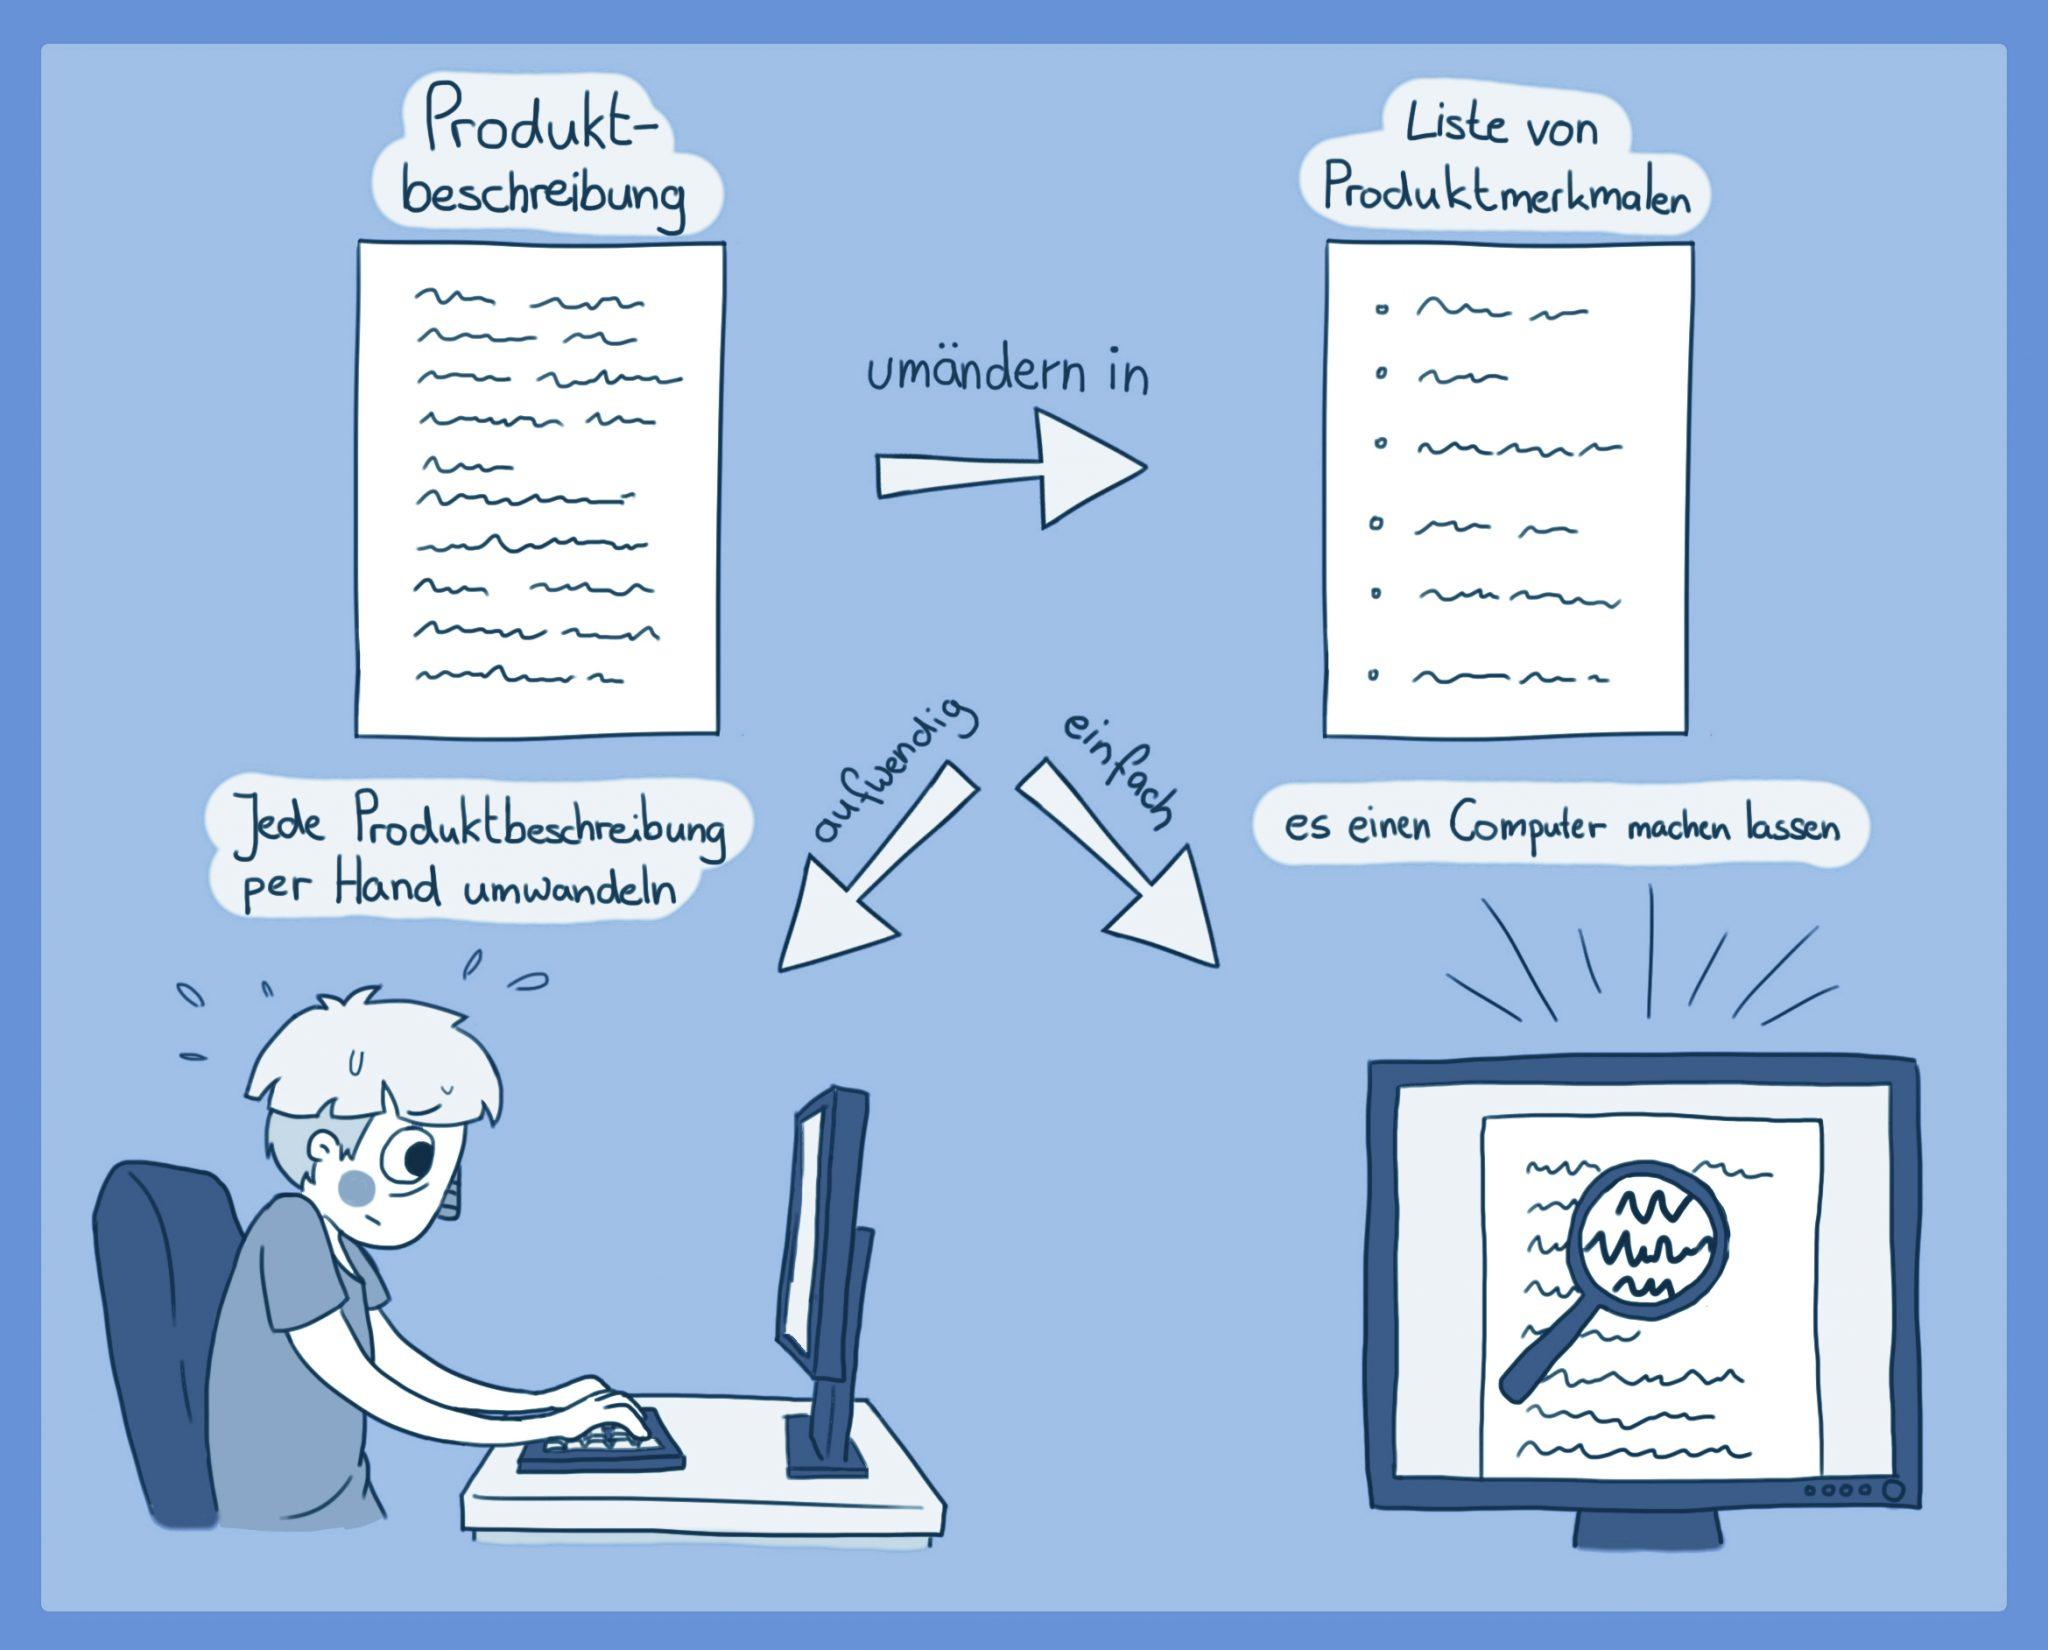 Die KI die Arbeit machen lassen - aiPhilos macht für Shopbetreiber das Leben leichter, Bild: DFKI/Jenssen